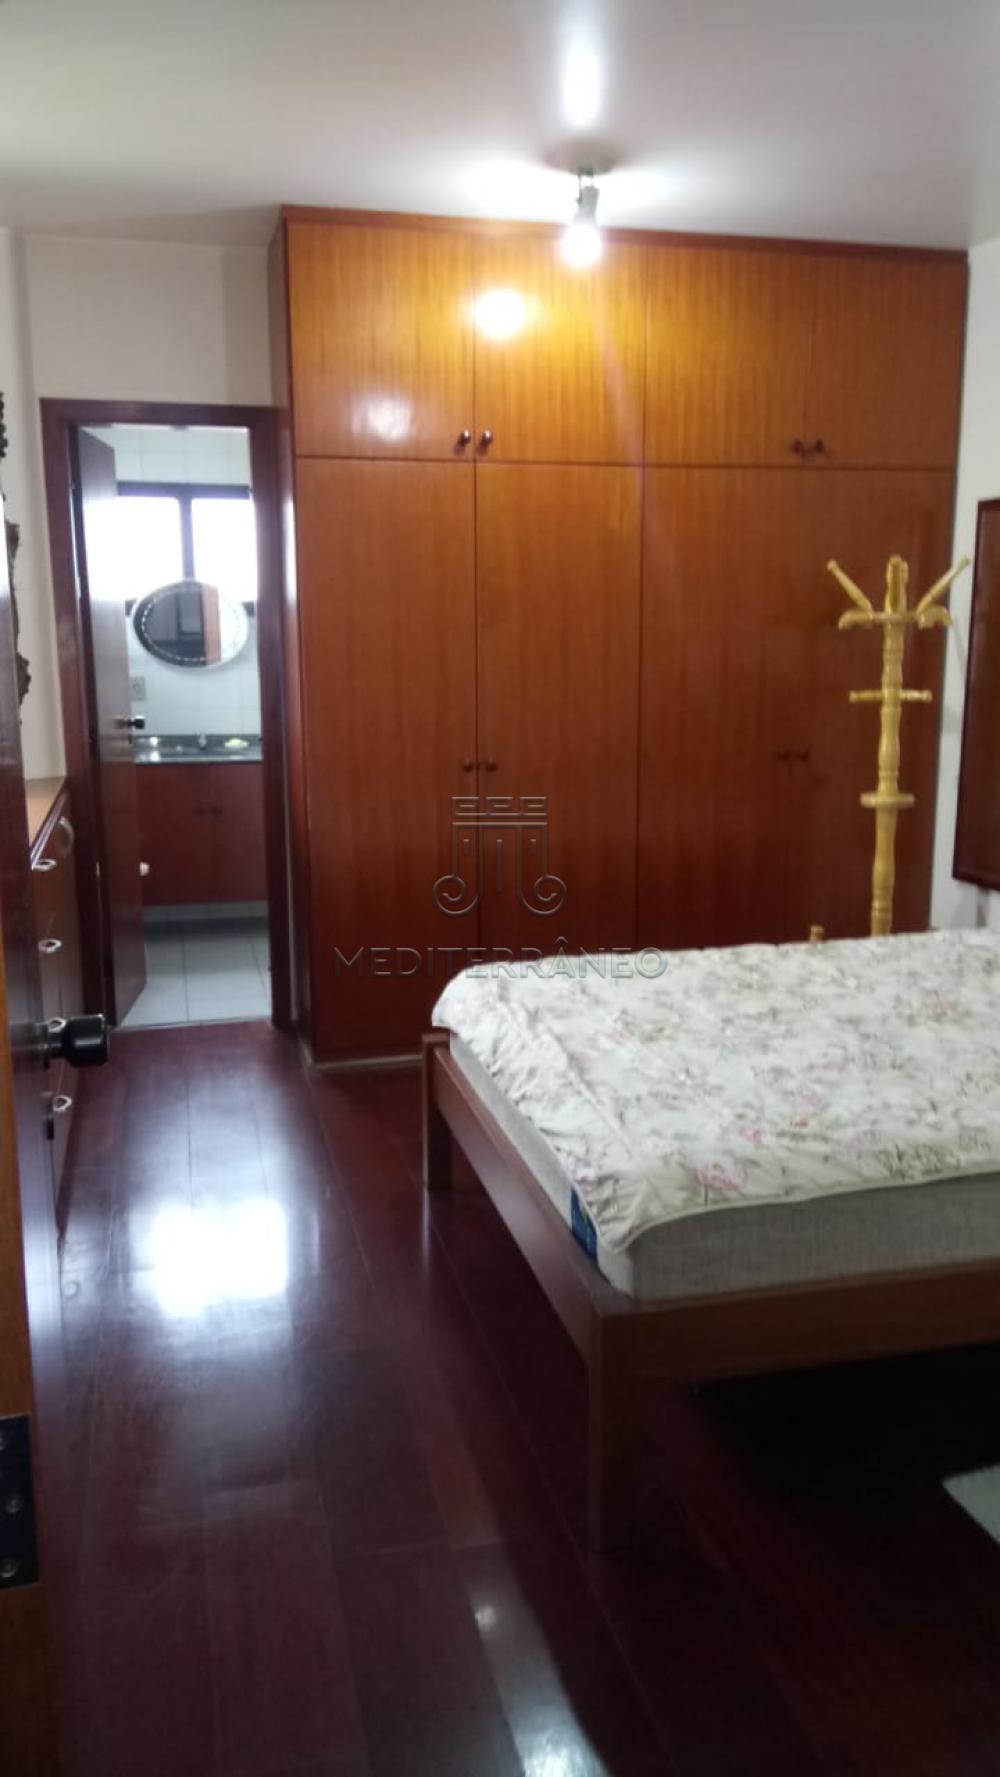 Comprar Apartamento / Padrão em Jundiaí apenas R$ 375.000,00 - Foto 9